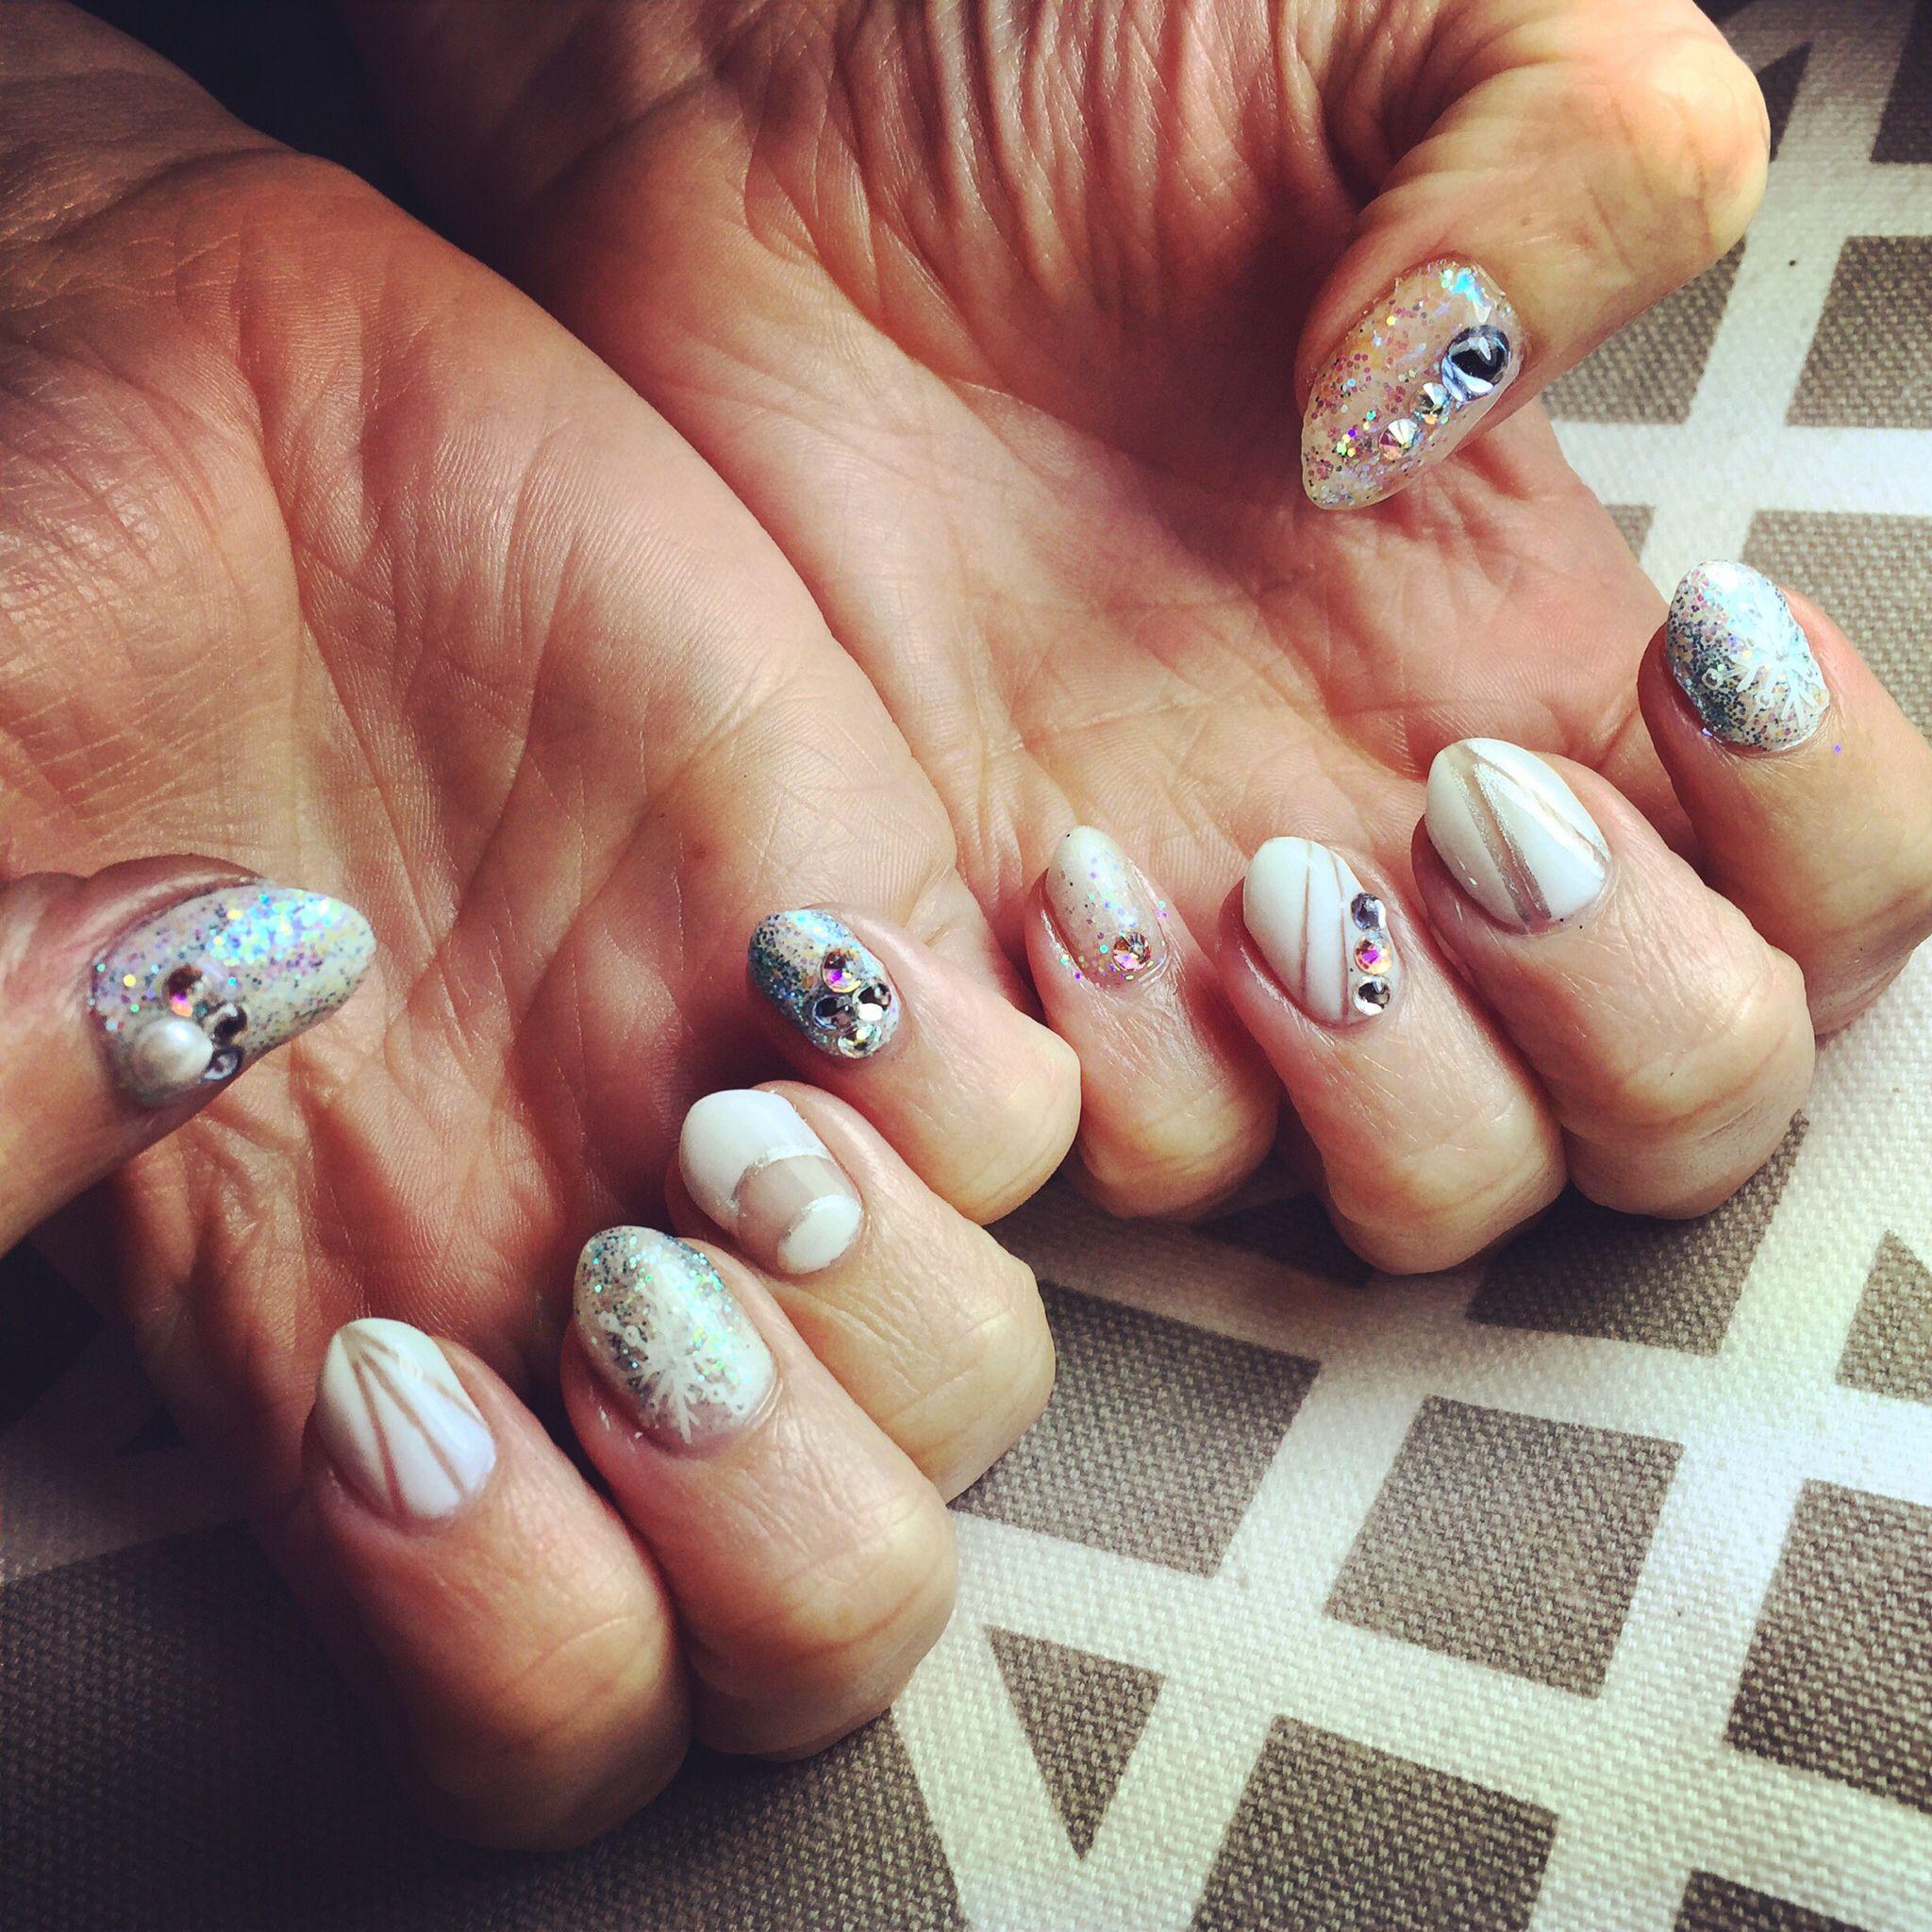 #gettingnailed #nailart #nails